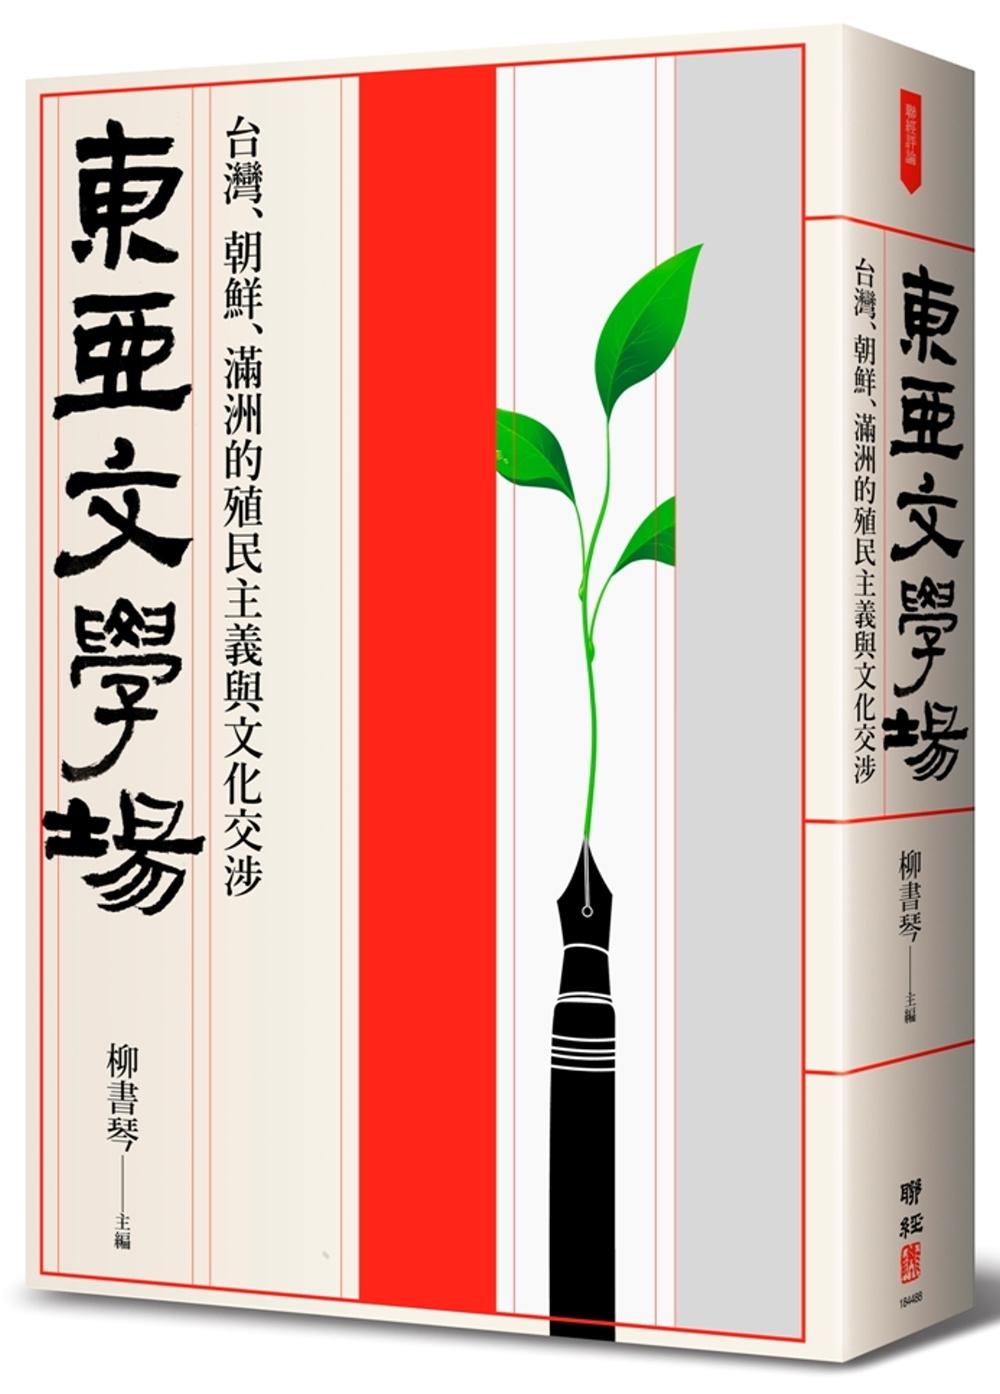 東亞文學場:台灣、朝鮮、滿洲的殖民主義與文化交涉